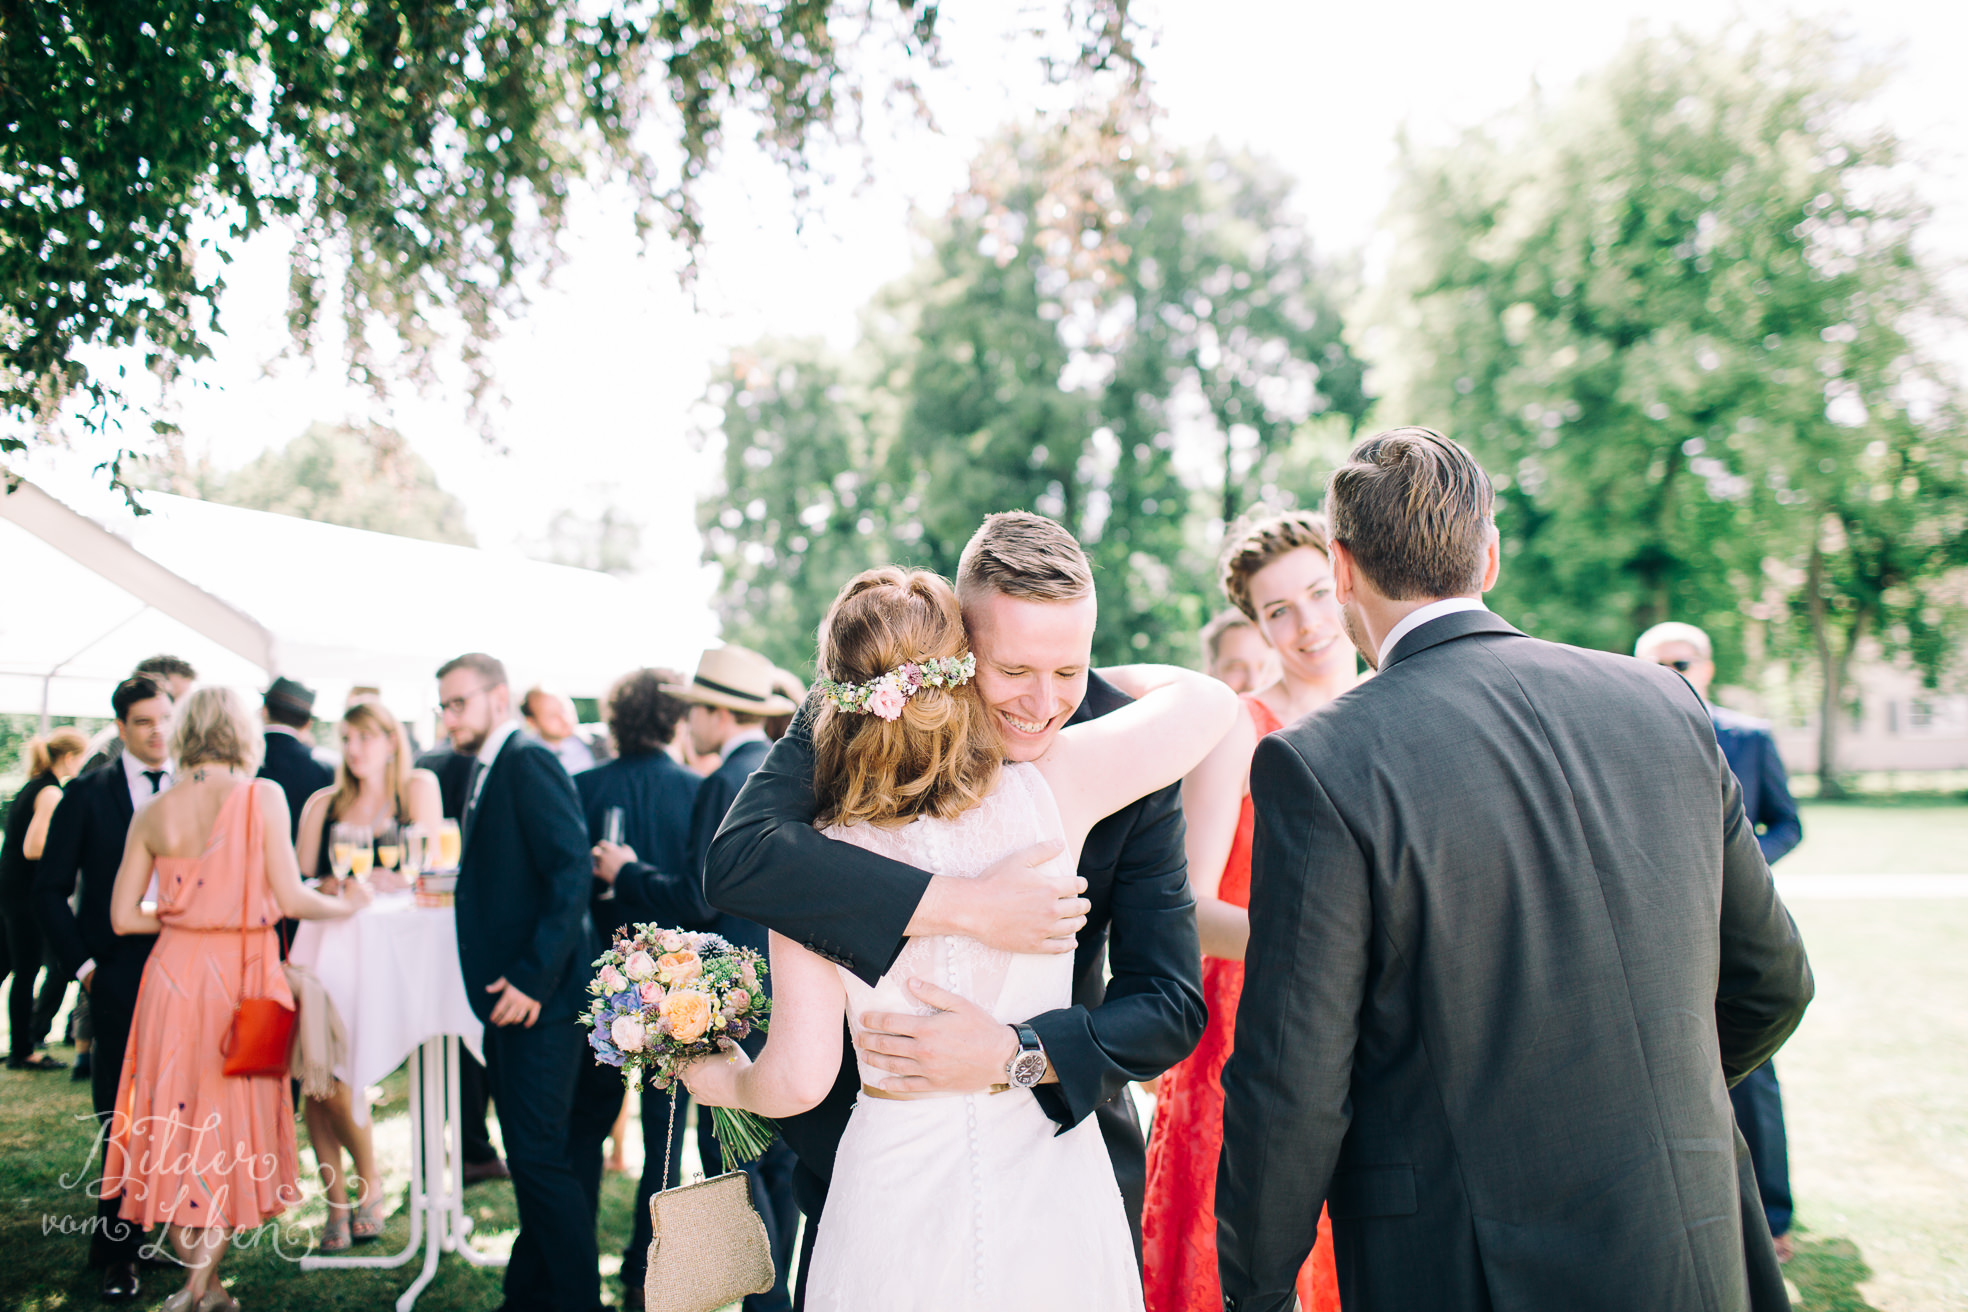 Franzi-Mike-Hochzeitsfotos-Triesdorf-IM2C1623